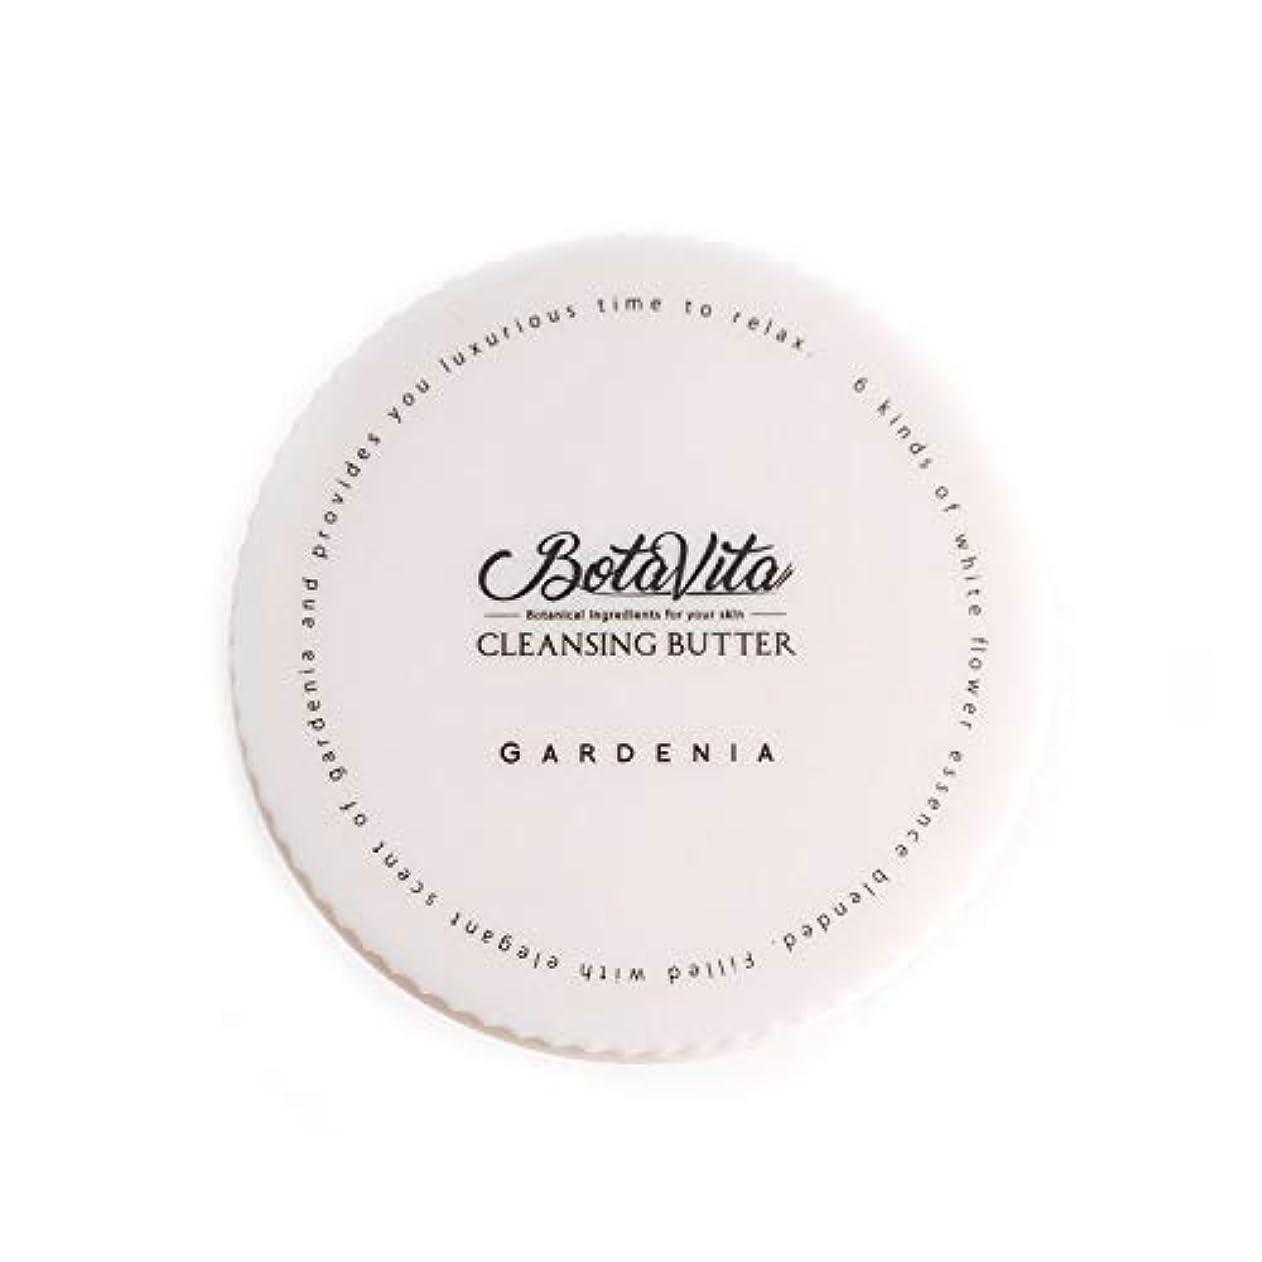 説明的阻害する聖書BotaVita ボタヴィータ クレンジングバター (ガーデニア) 80g 約40日分 ダブル洗顔不要  マツエクOK 保湿ケア 毛穴汚れオフ